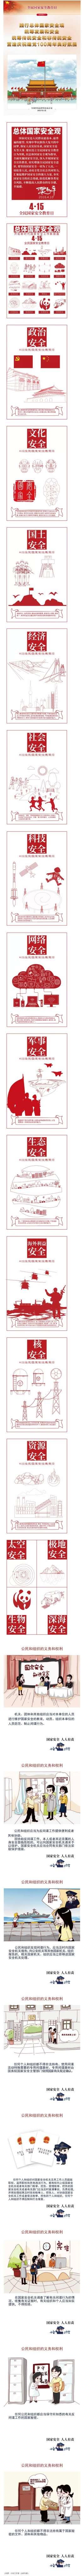 网页捕获_15-4-2021_111839_mp.weixin.qq.com.jpeg